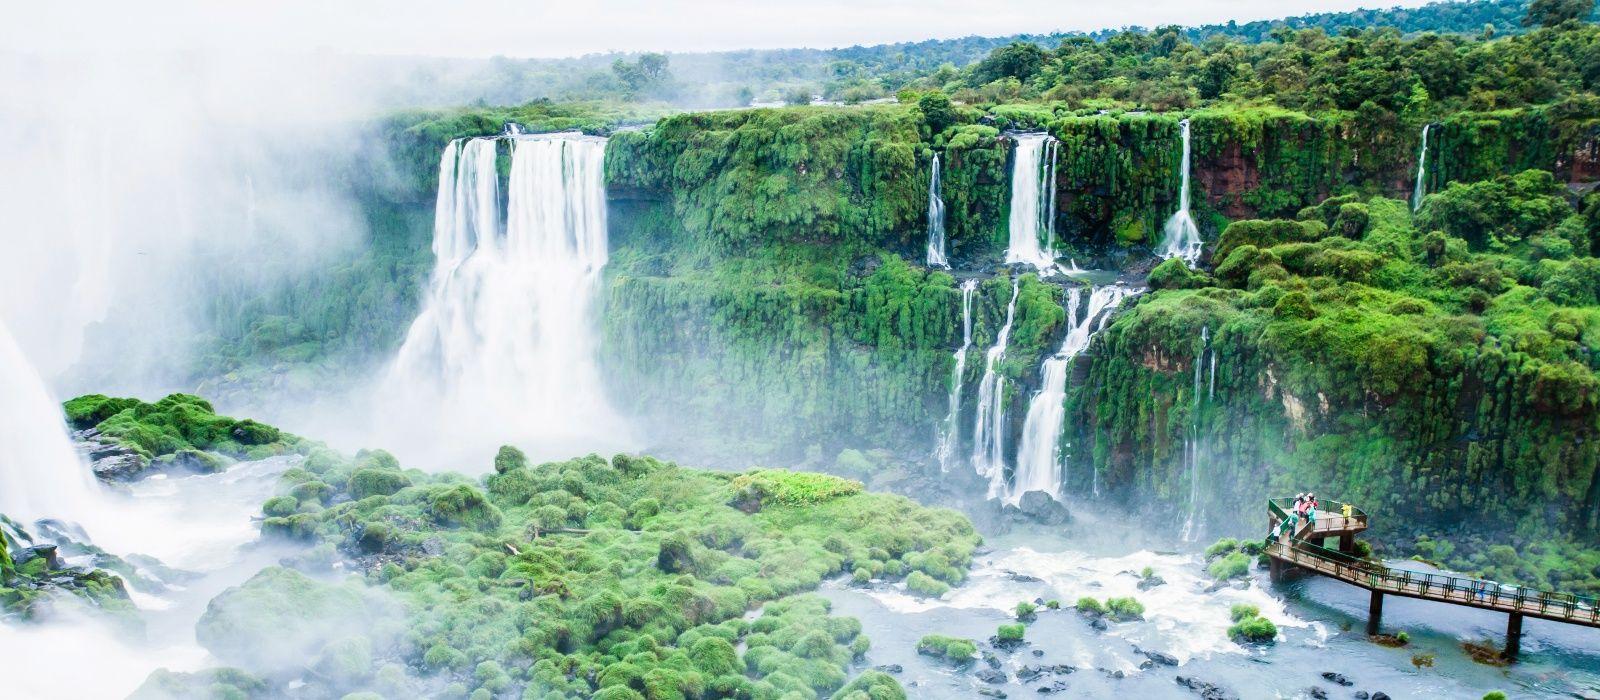 Brasilien Rundreise: Höhepunkte neu entdeckt Urlaub 2